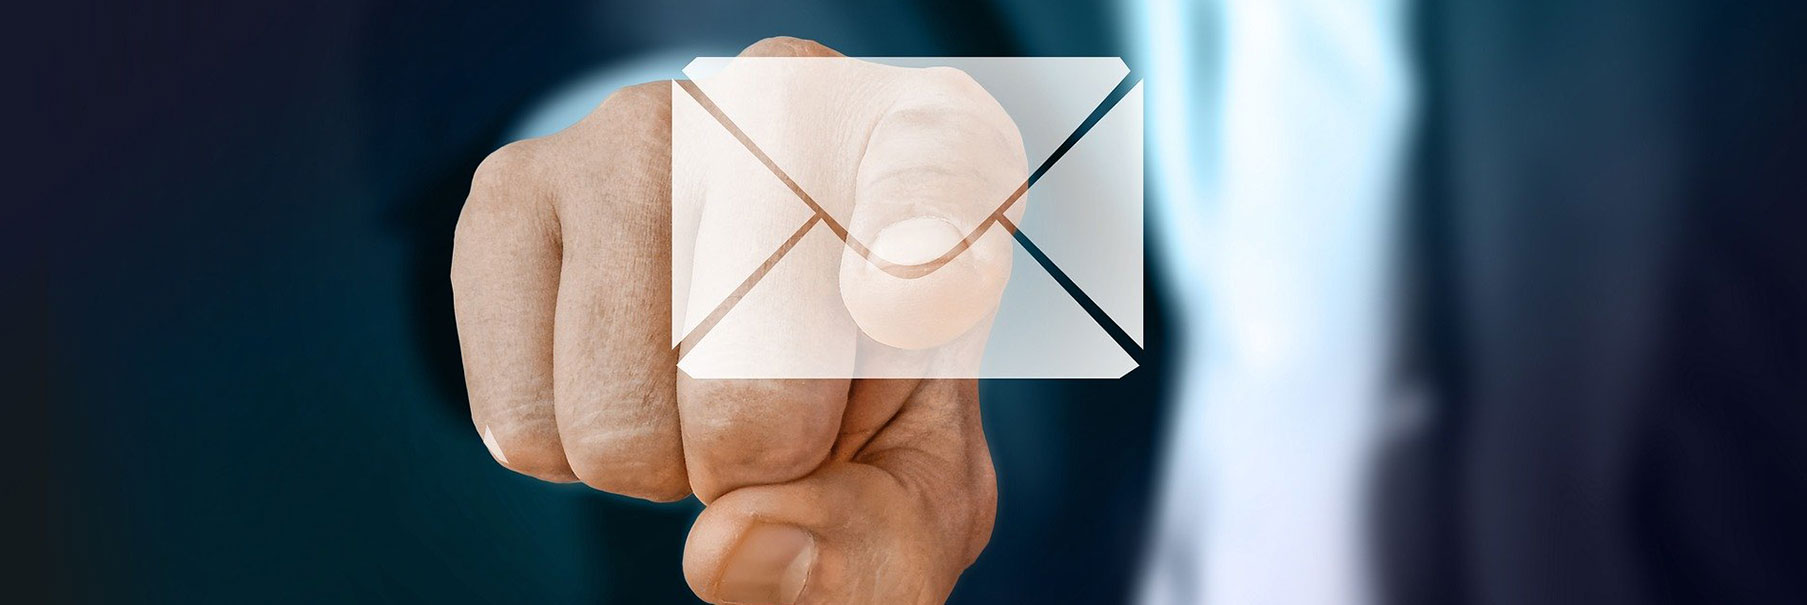 Das TORPEDO Add-on für Mozilla Thunderbird hilft, Phishing-Angriffe schnell als solche zu identifizieren.